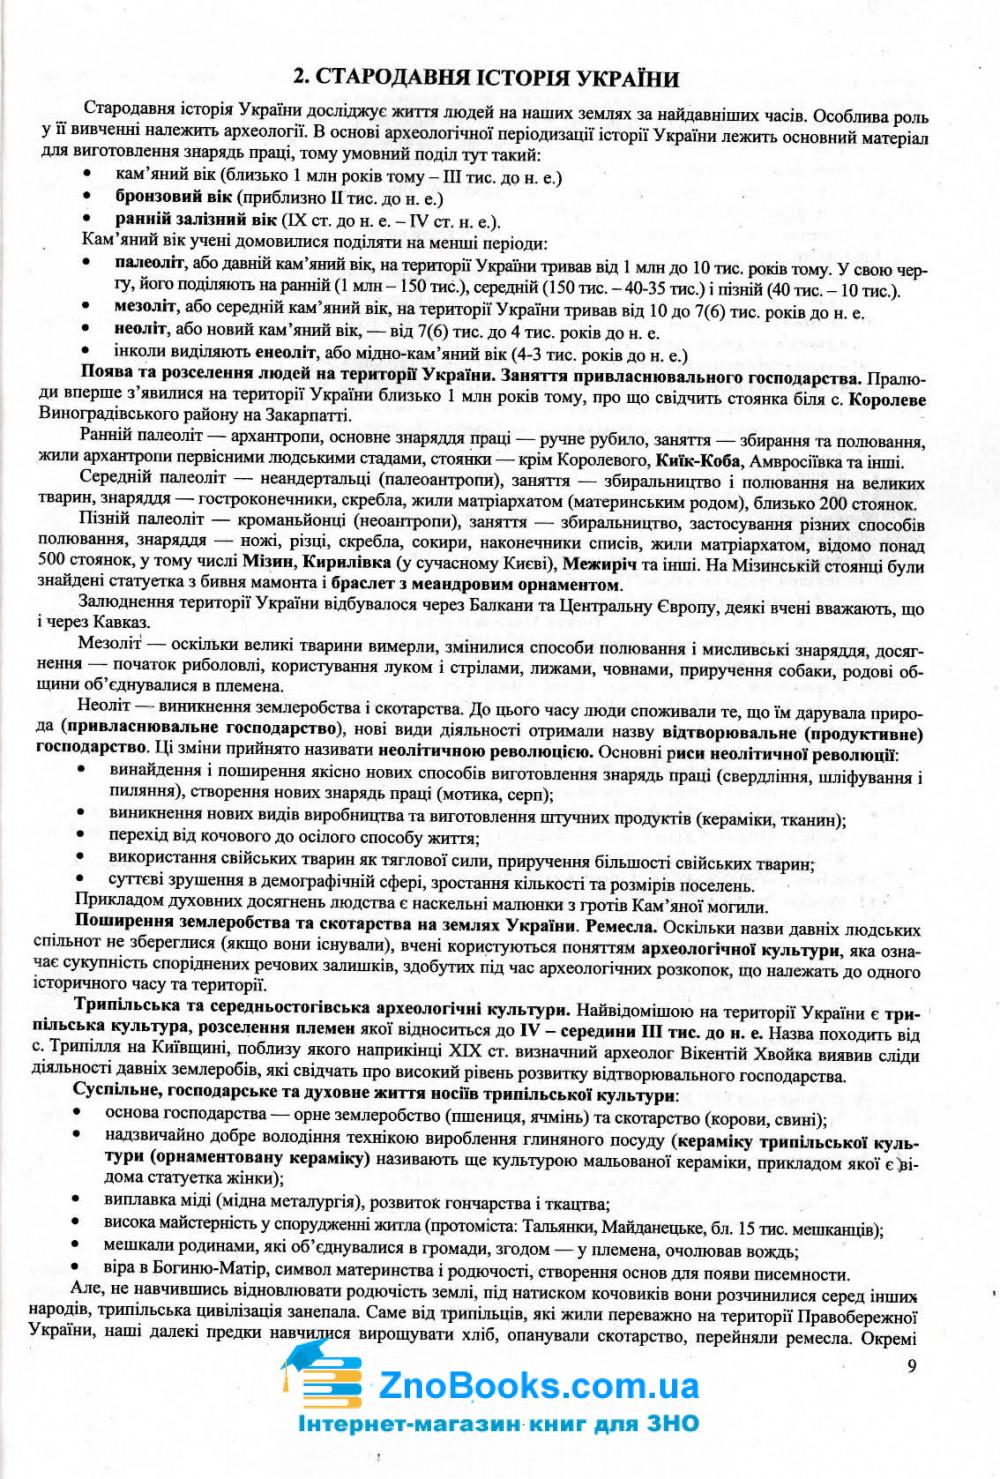 ЗНО 2021 Історія України. Комплексне видання : Панчук І. Підручники і посібники. купити 7